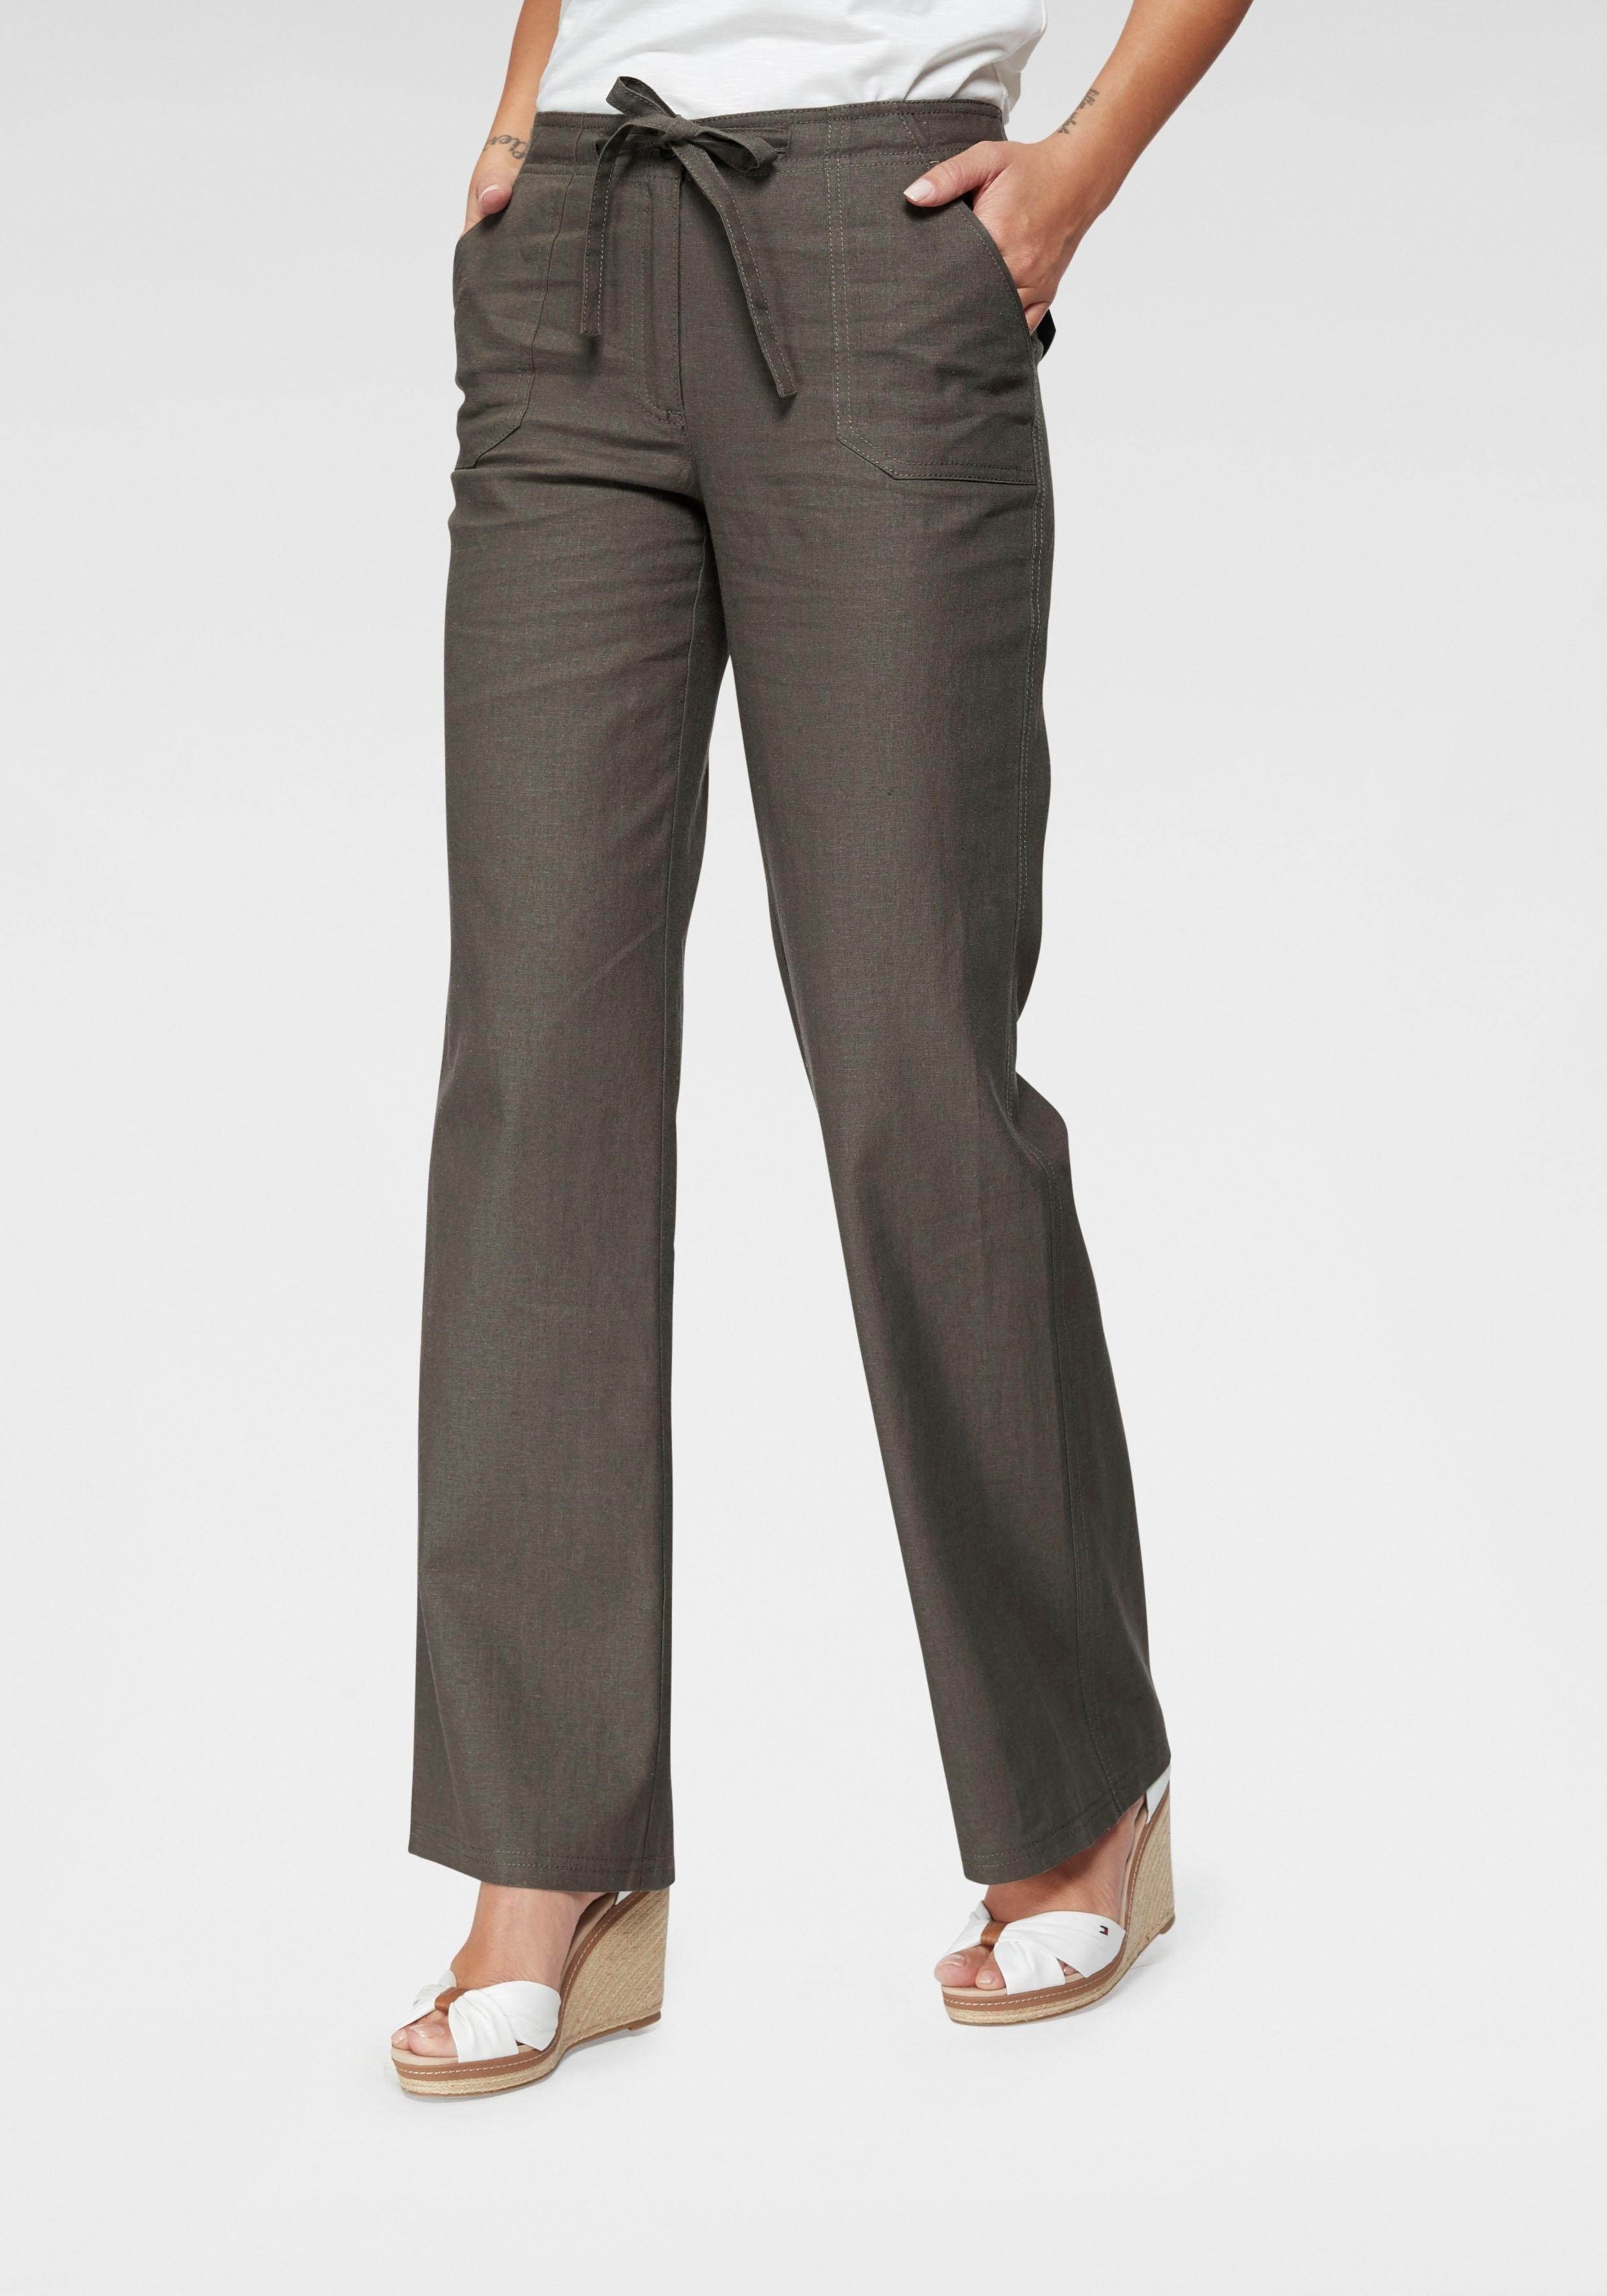 Aniston Casual Cheer linnen broek goedkoop op otto.nl kopen